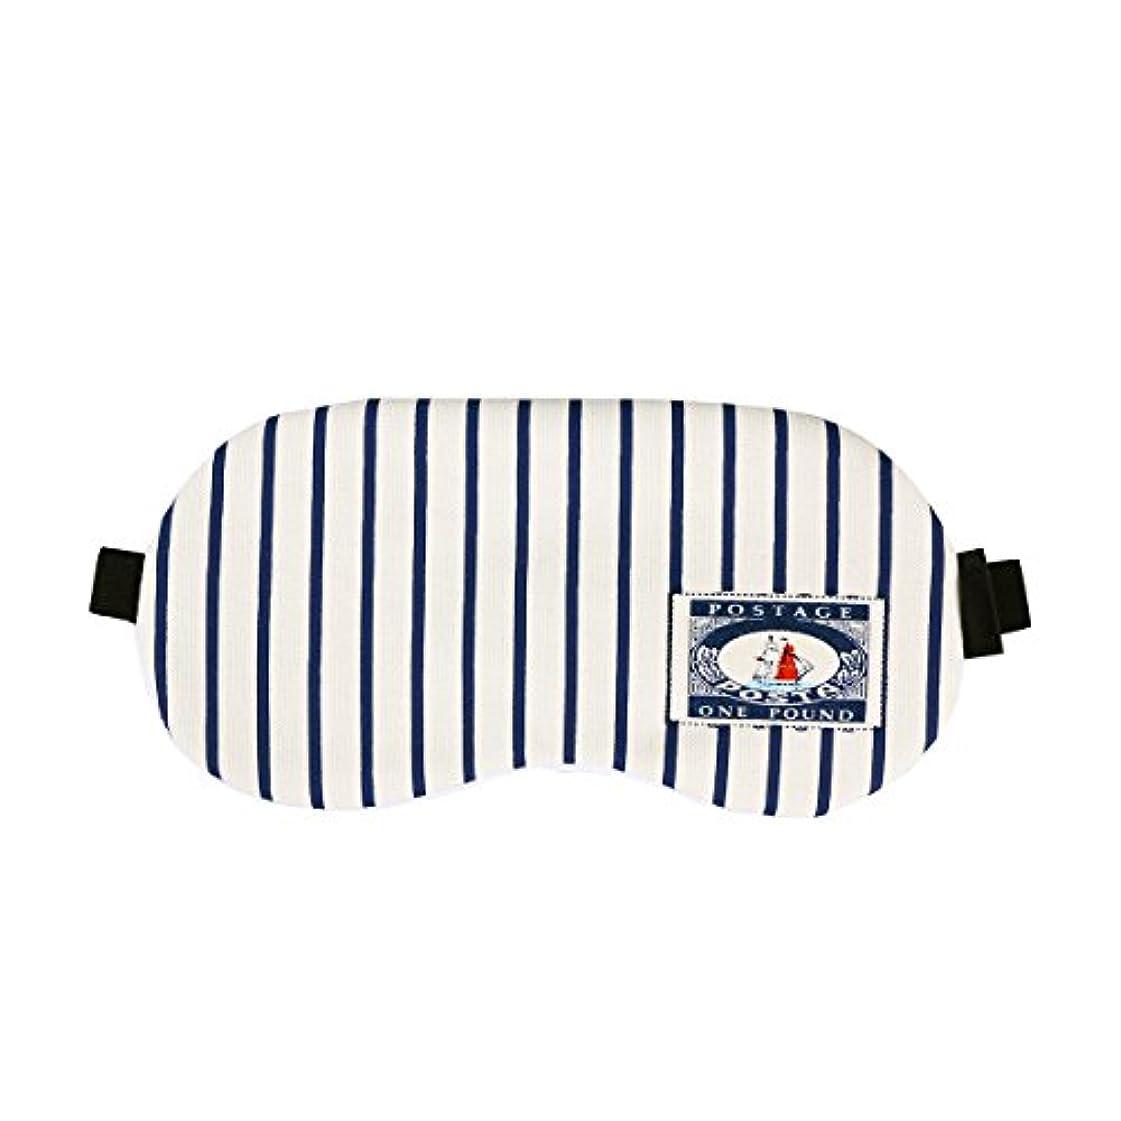 ジャムレルム自分自身HEALLILY コットンアイスリーピングマスクかわいいアイマスクレストスリーピングマスクアイパッチ目隠し旅行用Sleeping Aid(ストライプ)